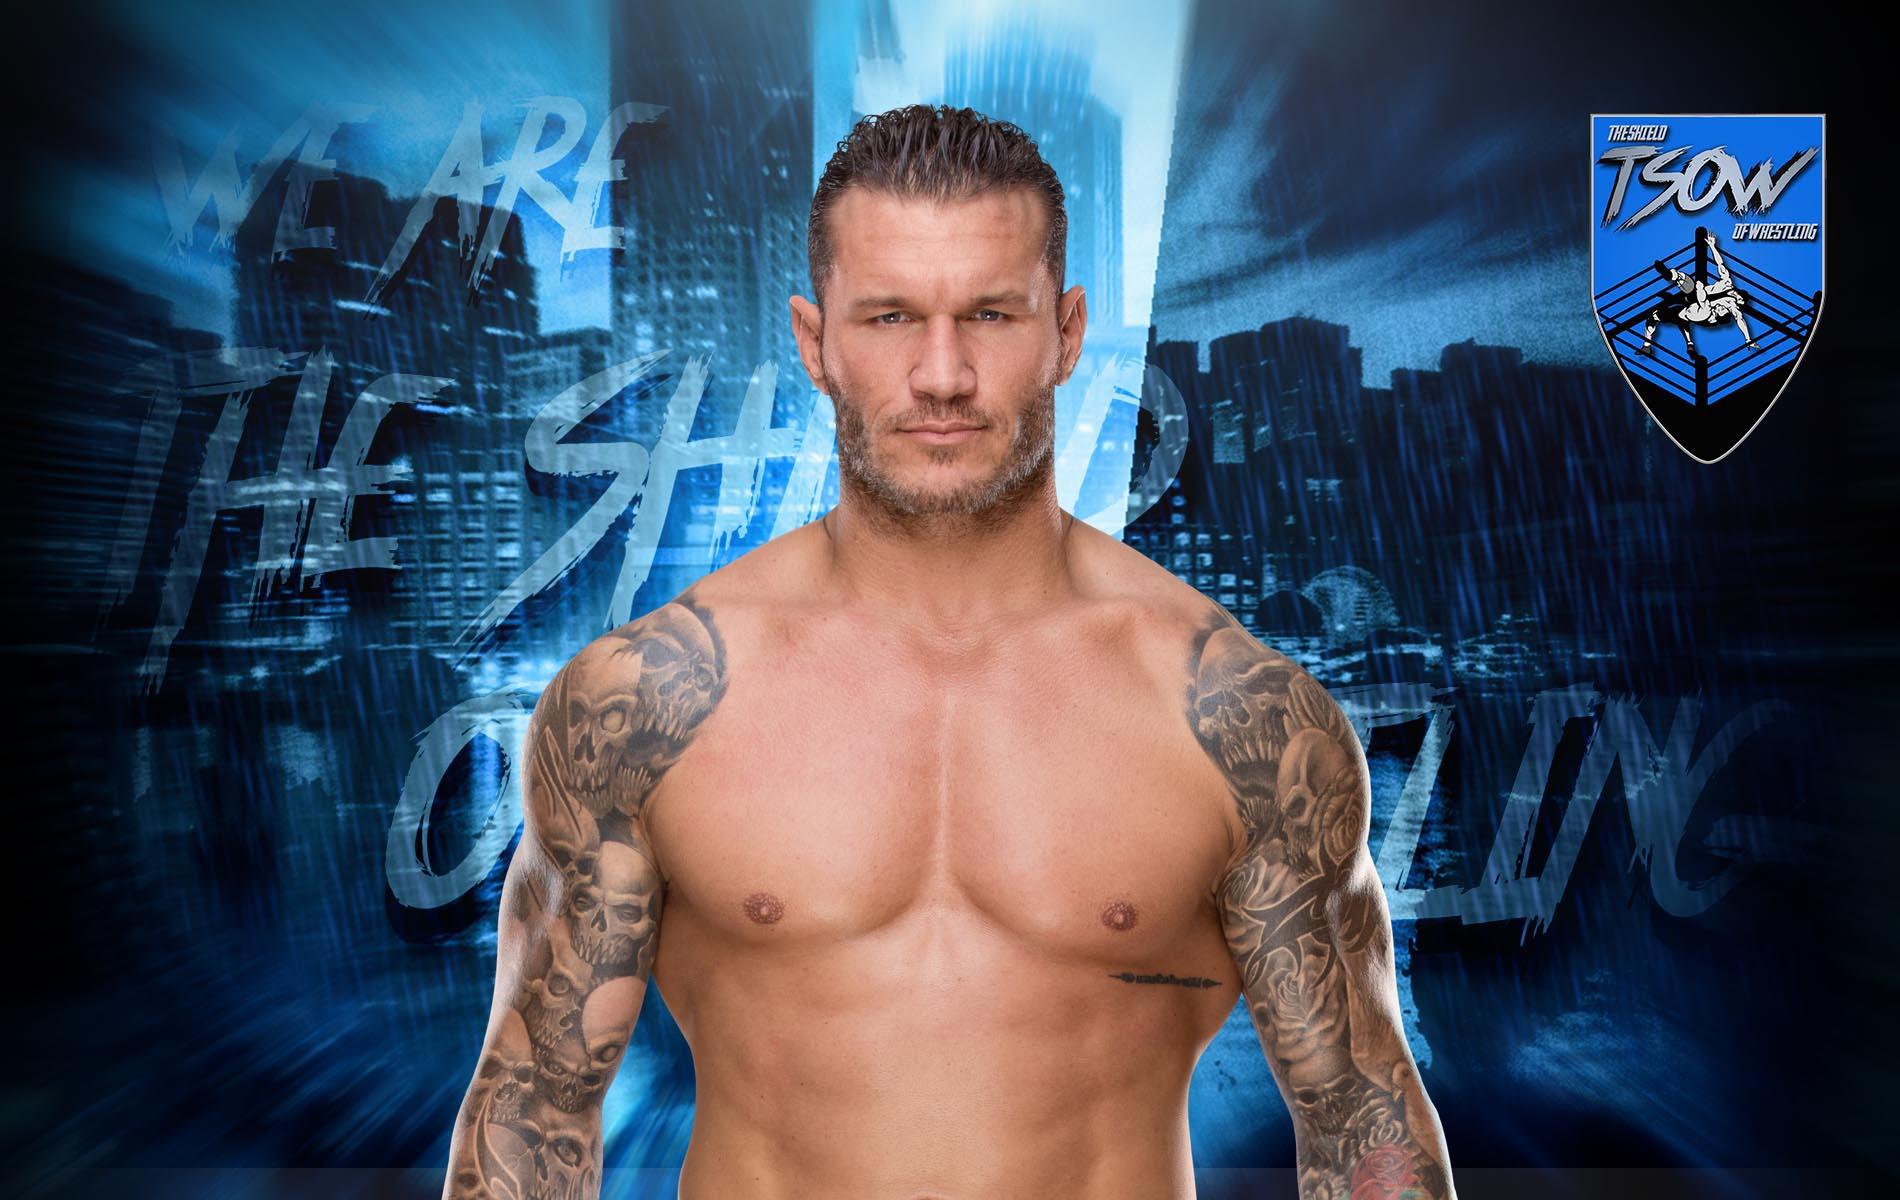 Randy Orton ricorda il Triple Threat Match di WrestleMania 22